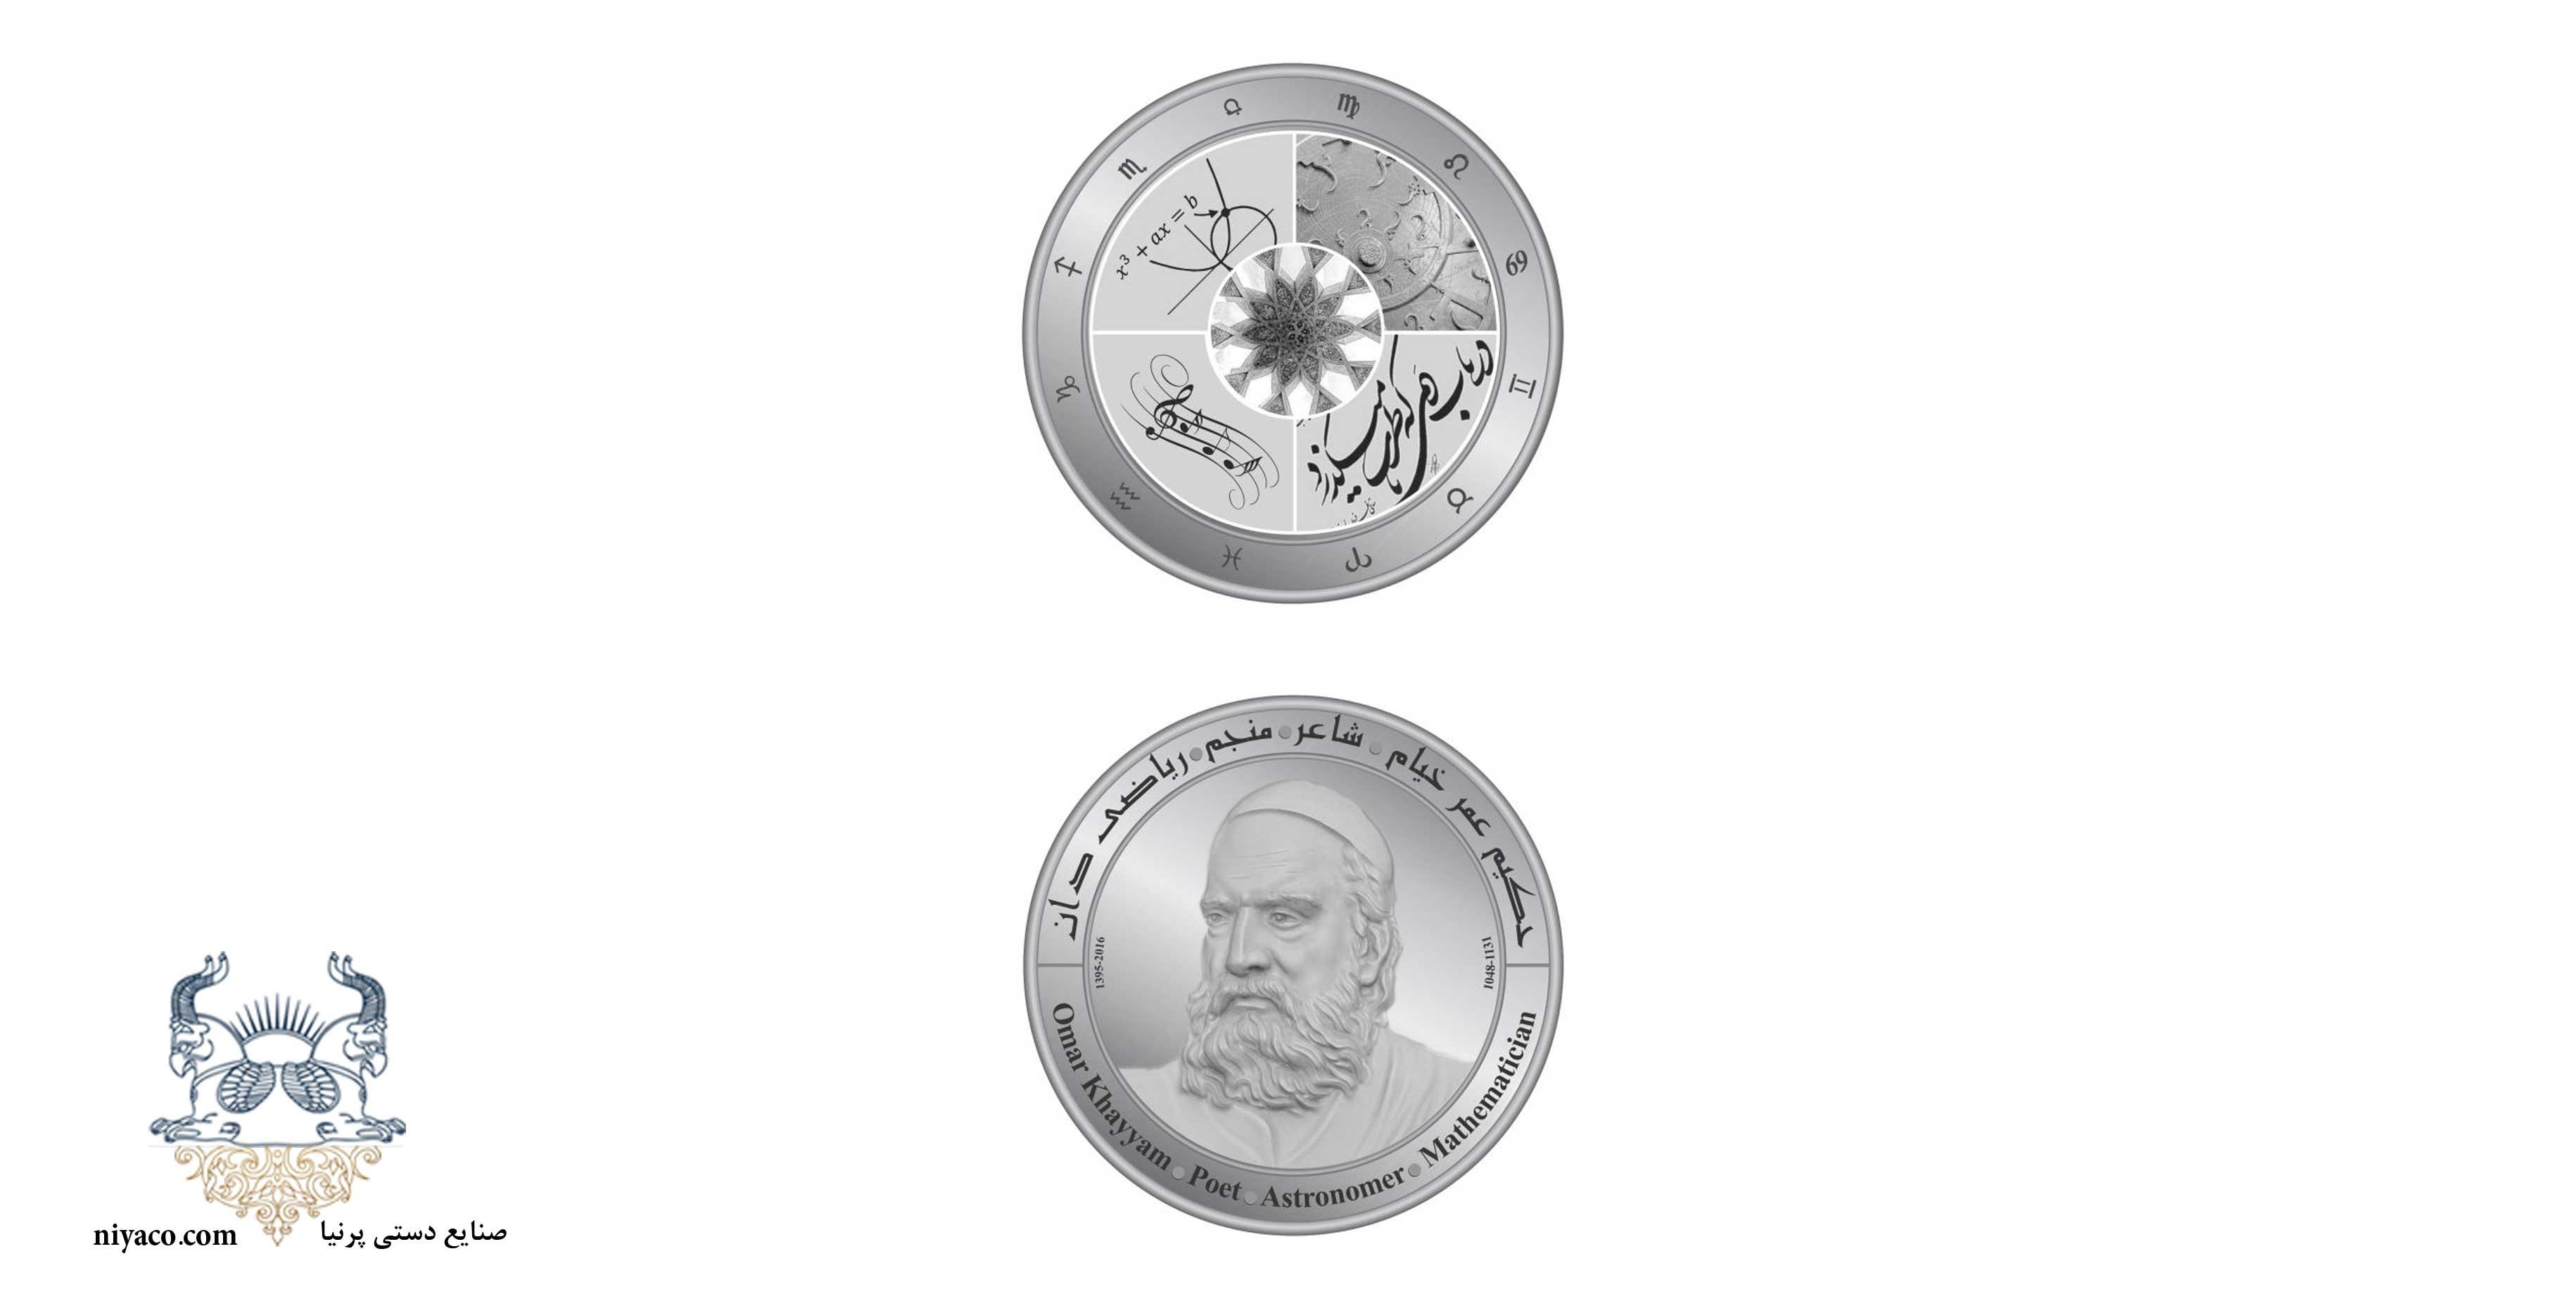 مدال یادبود(سکه یادبود) حکیم عمر خیام رونمایی می شود